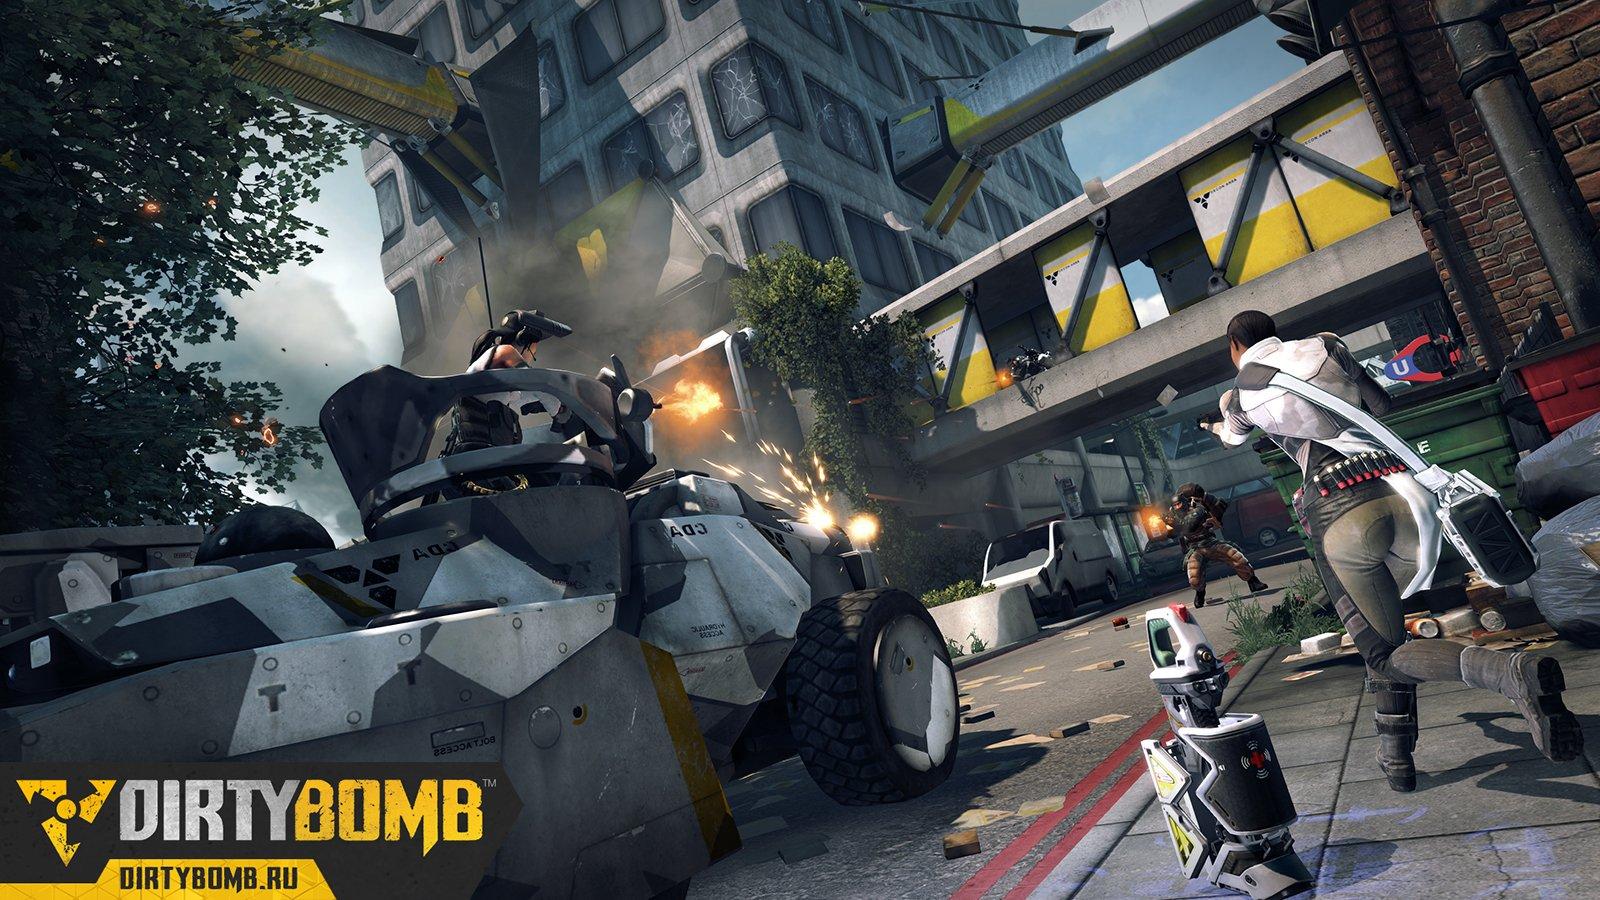 Разработчики Dirty Bomb рассказывают о режимах игры!  Стали известны подробности о режимах игры в сетевом шутере Dir ... - Изображение 3